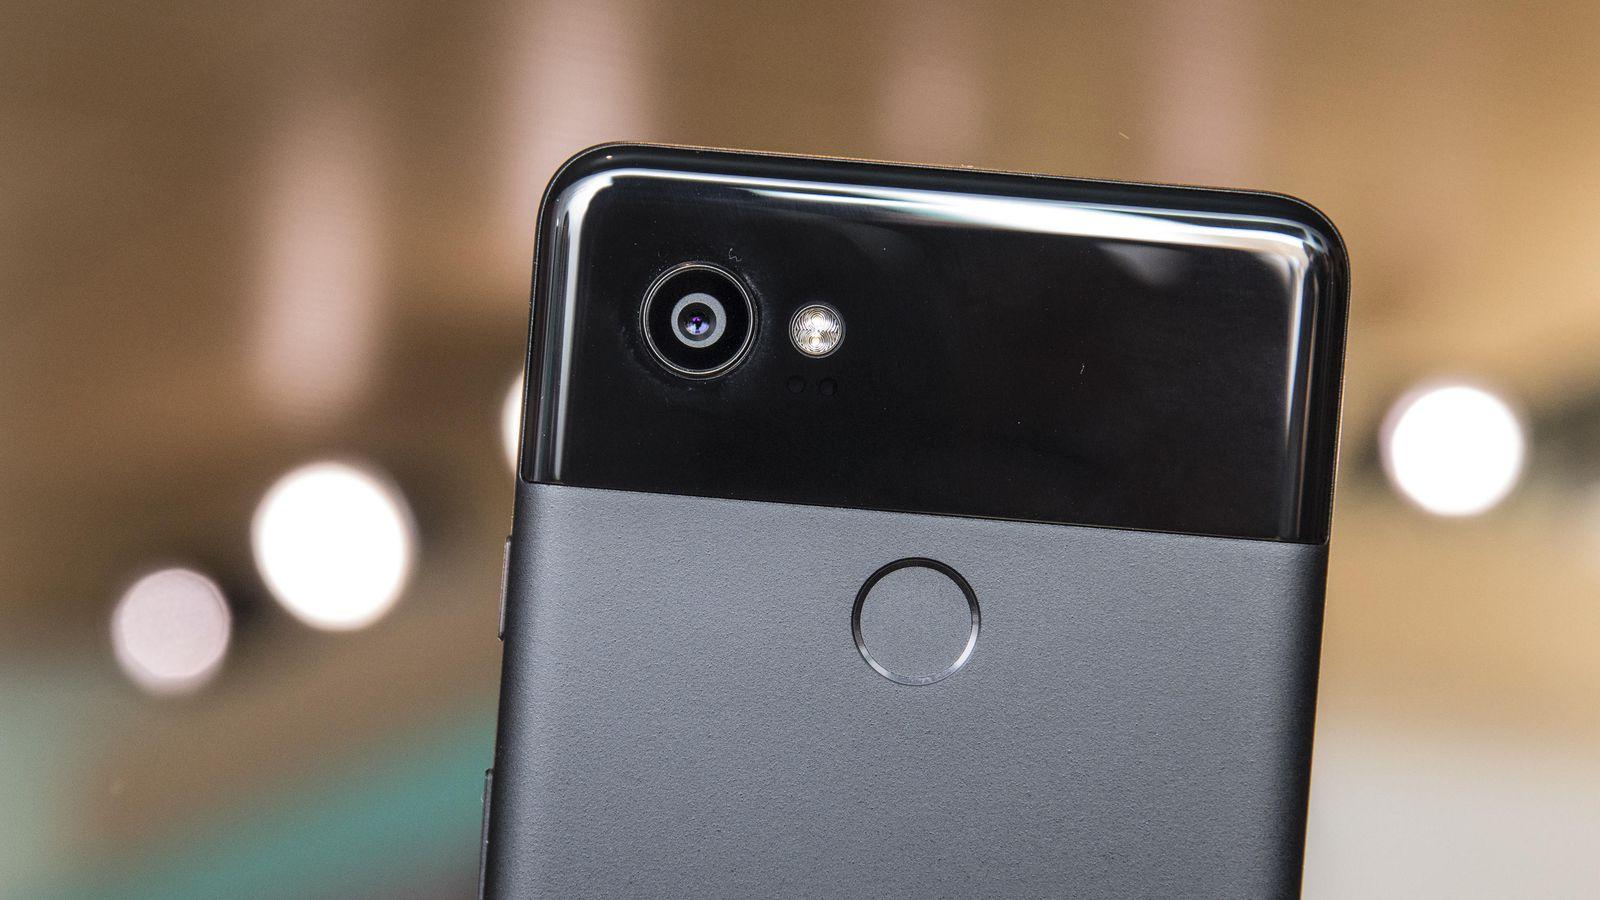 Портретный режим Google Pixel 2 теперь доступен всем производителям и разработчикам ПО